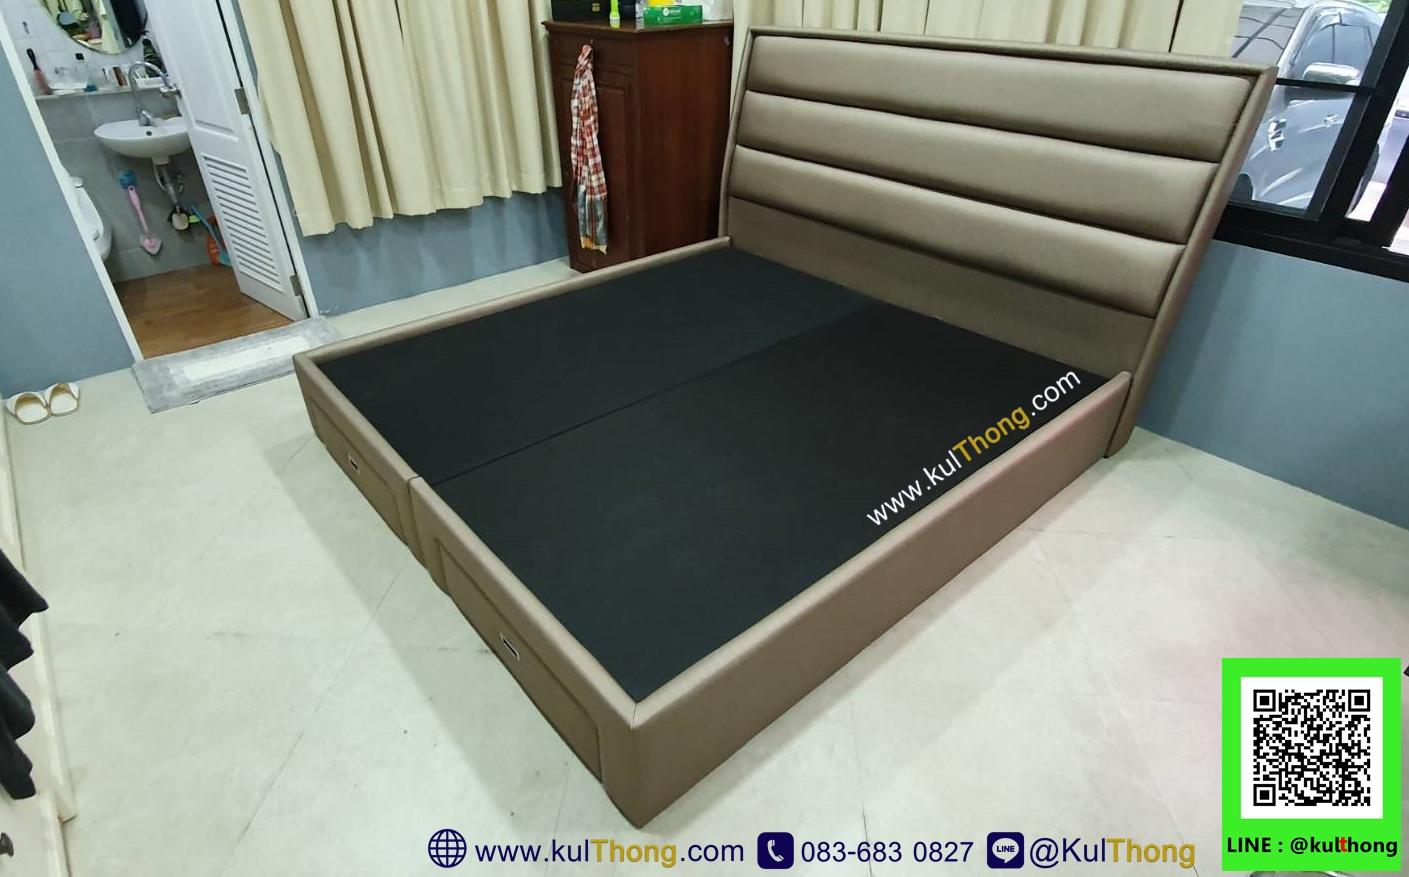 เตียงลิ้นชักหุ้มหนัง ฐานเตียงมีลิ้นชัก เตียงเก็บของ